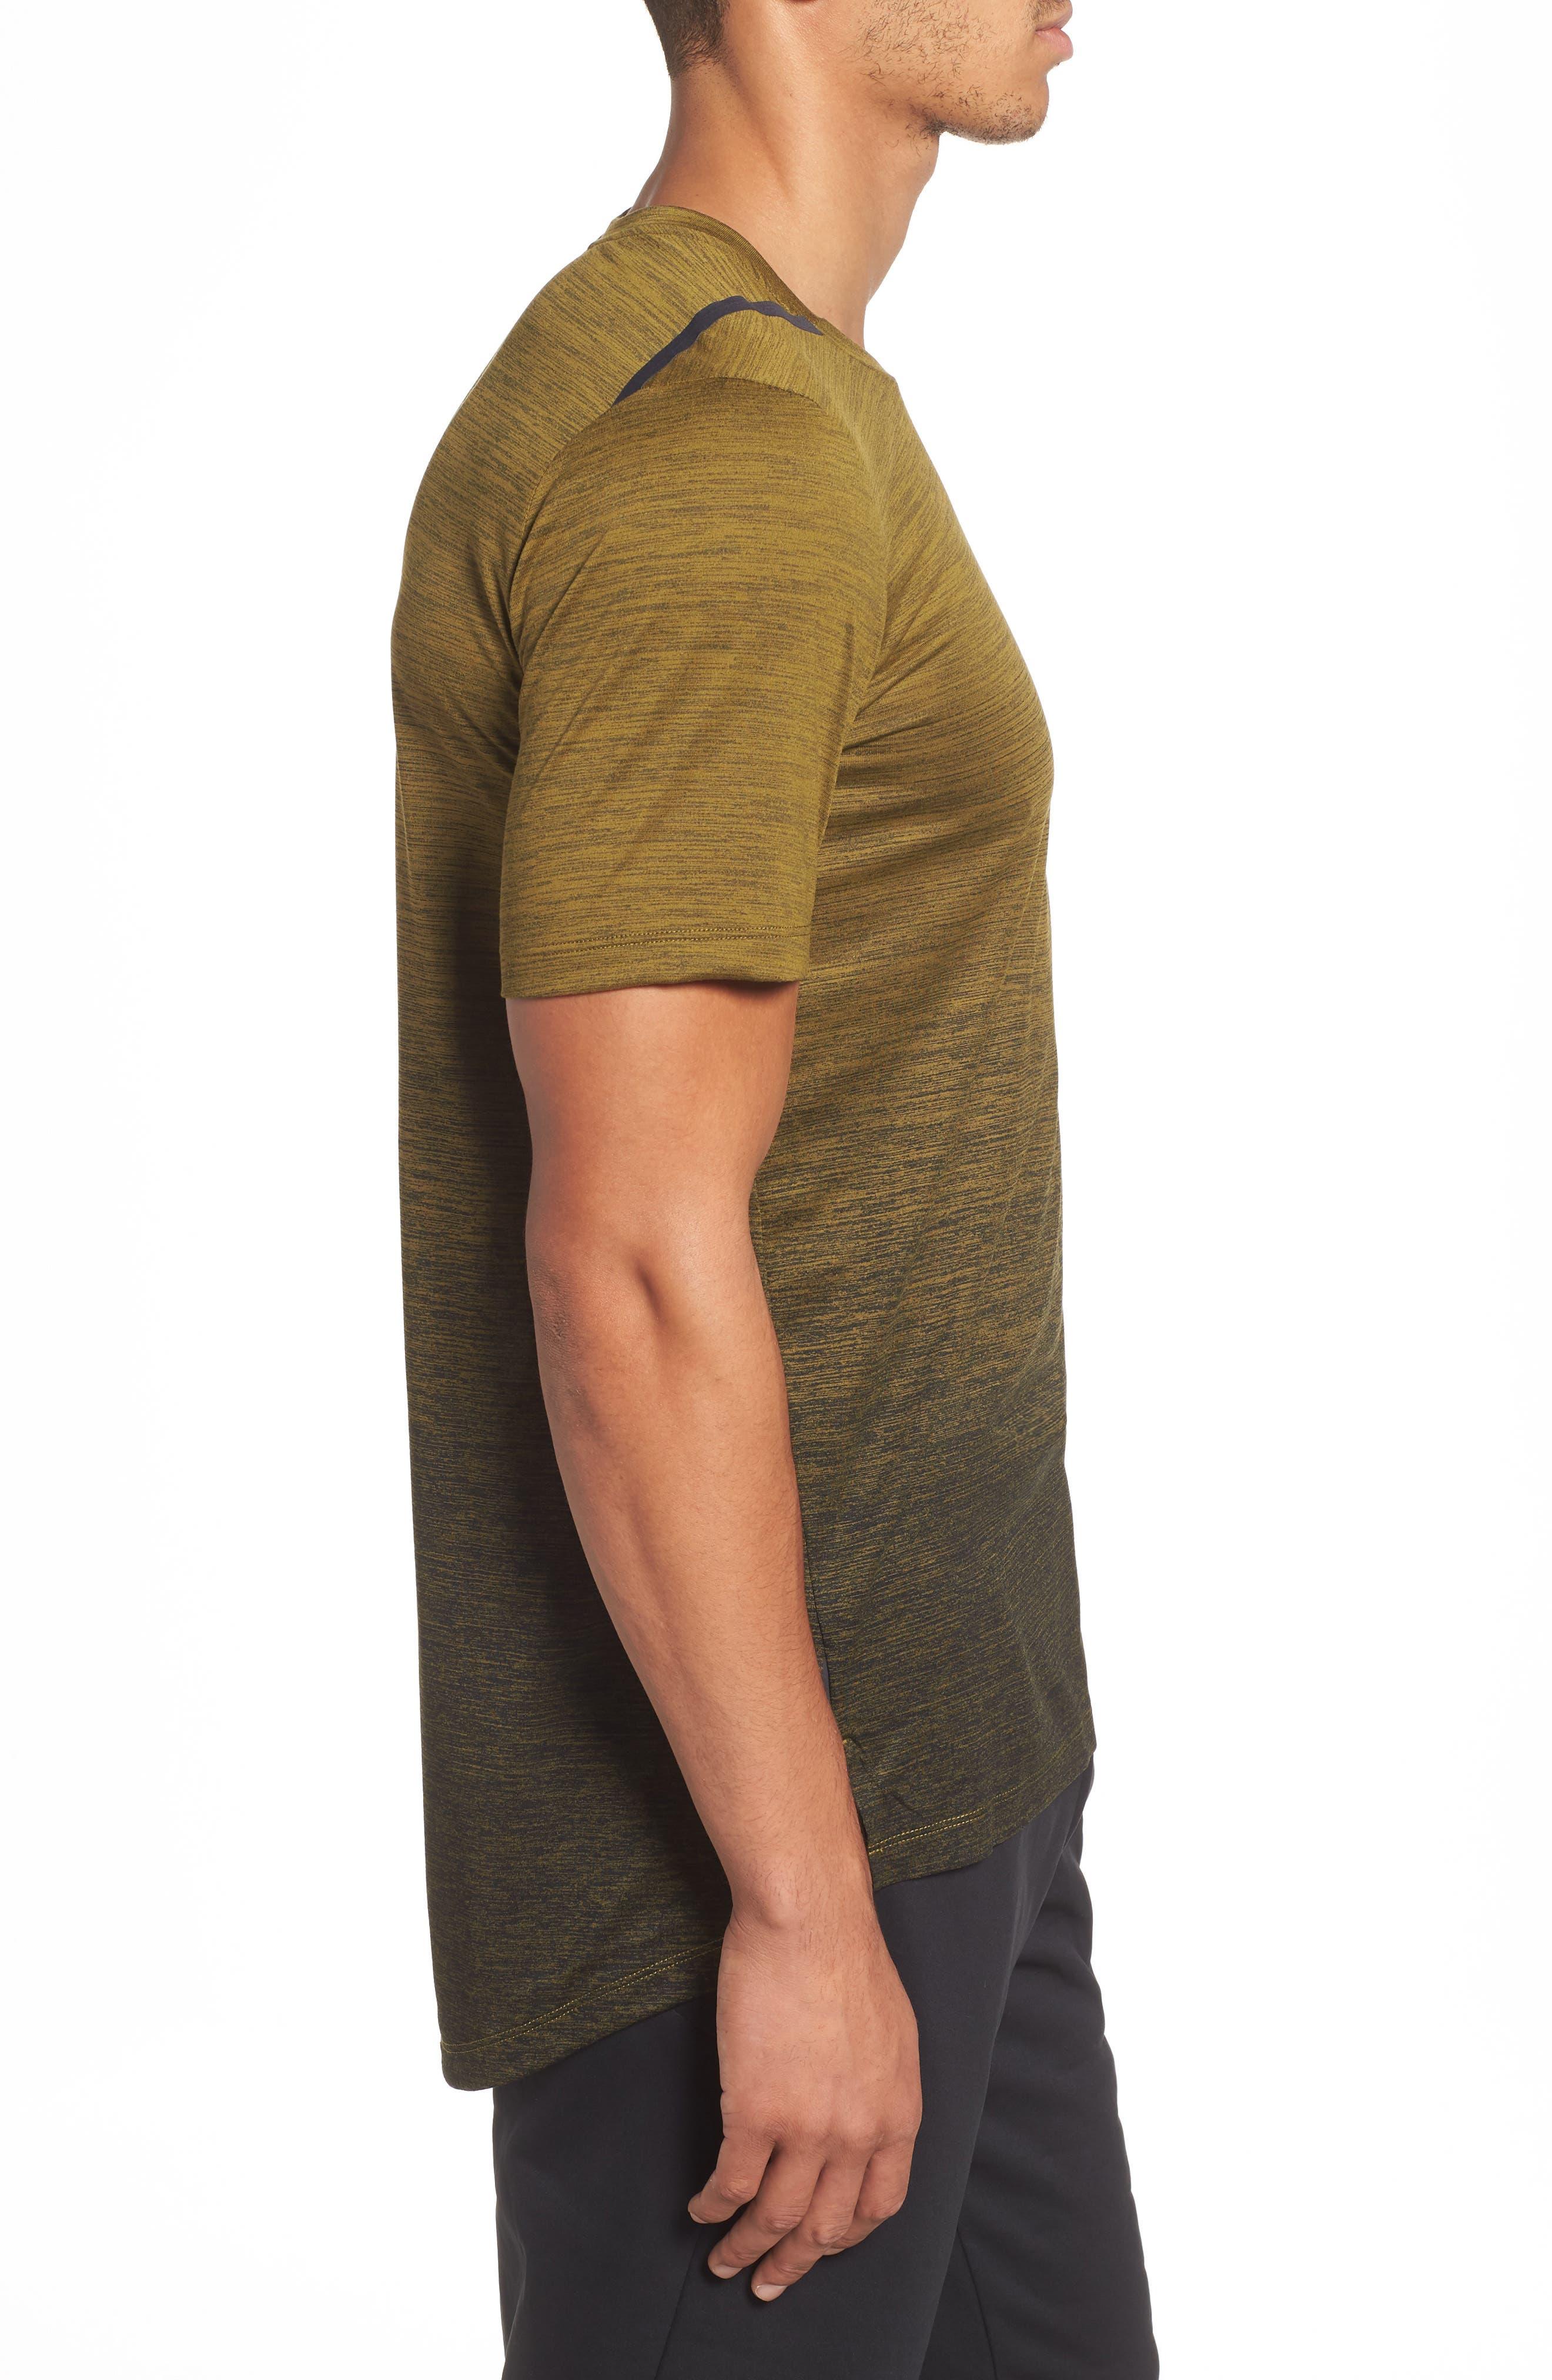 NIKE, Dry Max Training T-Shirt, Alternate thumbnail 3, color, OLIVE FLAK/ BLACK/ COBALT